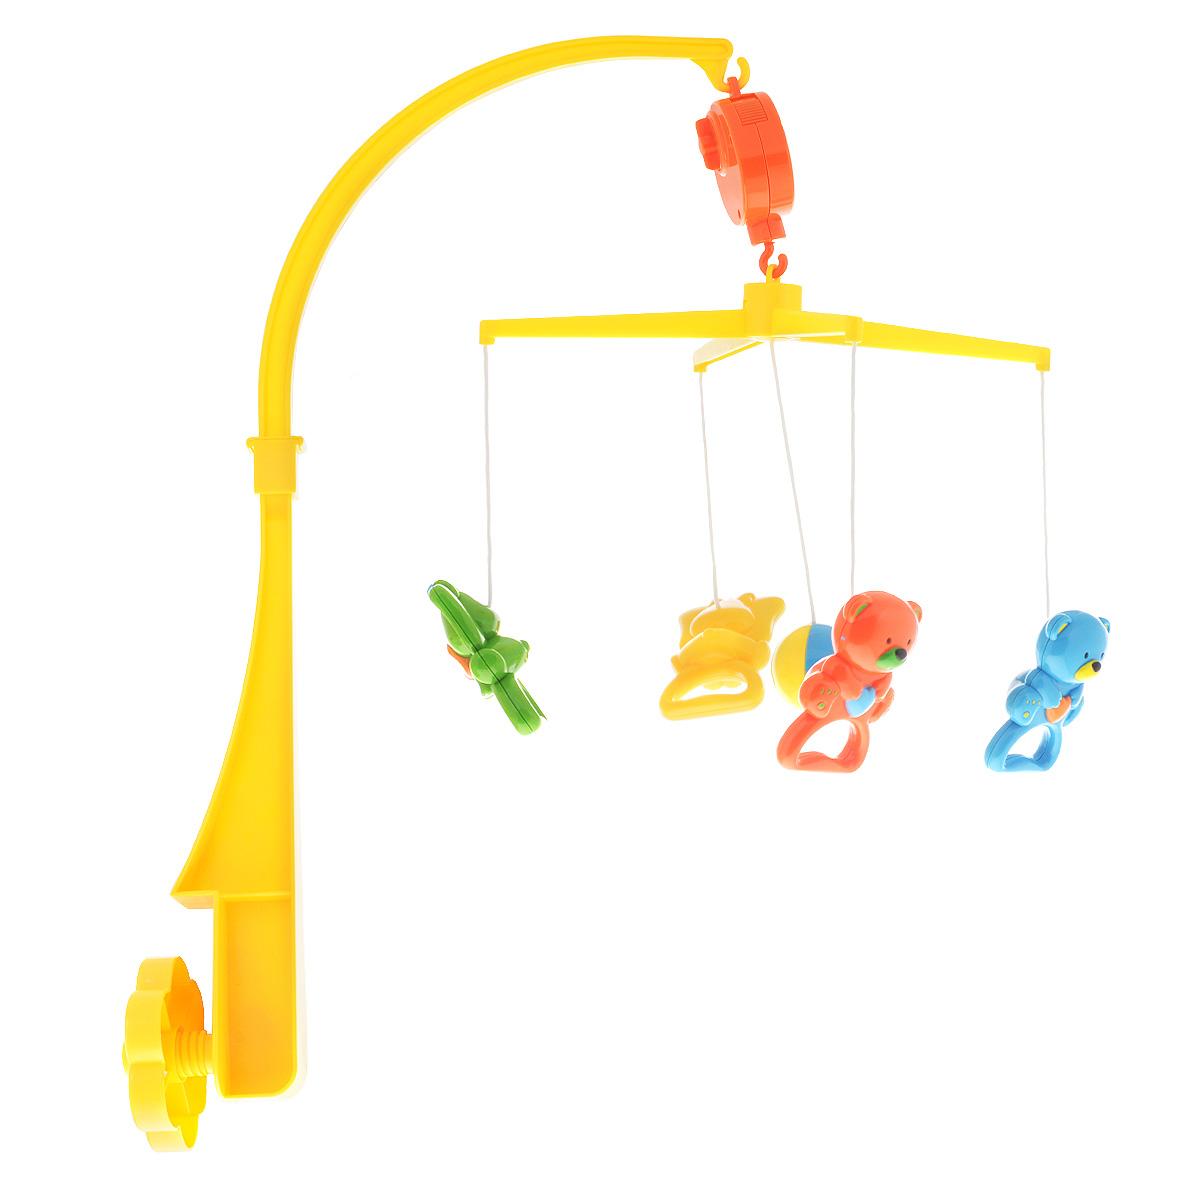 Canpol Babies Мобиль Музыкальная карусель 2/9652/965Мобиль Canpol Babies Музыкальная карусель создаст атмосферу уюта и спокойствия в детской комнате. Все элементы мобиля изготовлены из высококачественных материалов и абсолютно безопасны для малыша. Основание мобиля надежно крепится к детской кроватке при помощи пластикового винта. Кронштейн легко устанавливается на специальное крепление. Мобиль не требует батареек. Музыкальное устройство закрепляется на кронштейне. К держателю текстильными шнурками крепятся 5 пластиковых игрушек в виде шарика, 2 мишек и 2 слоников. Игрушки можно снять и заменить на другие. Если повернуть ключик по часовой стрелке, мобиль начнет вращаться и будет проигрывать приятную негромкую мелодию. Веселые игрушки обязательно понравятся ребенку, развлекут малыша в кроватке, научат его распознавать цвета, формы, а приятная мелодия успокоит кроху. Хоровод ярких игрушек, которые кружатся над вашим малышом в ритме нежной музыки, способствует развитию первого слухового и зрительного восприятия.